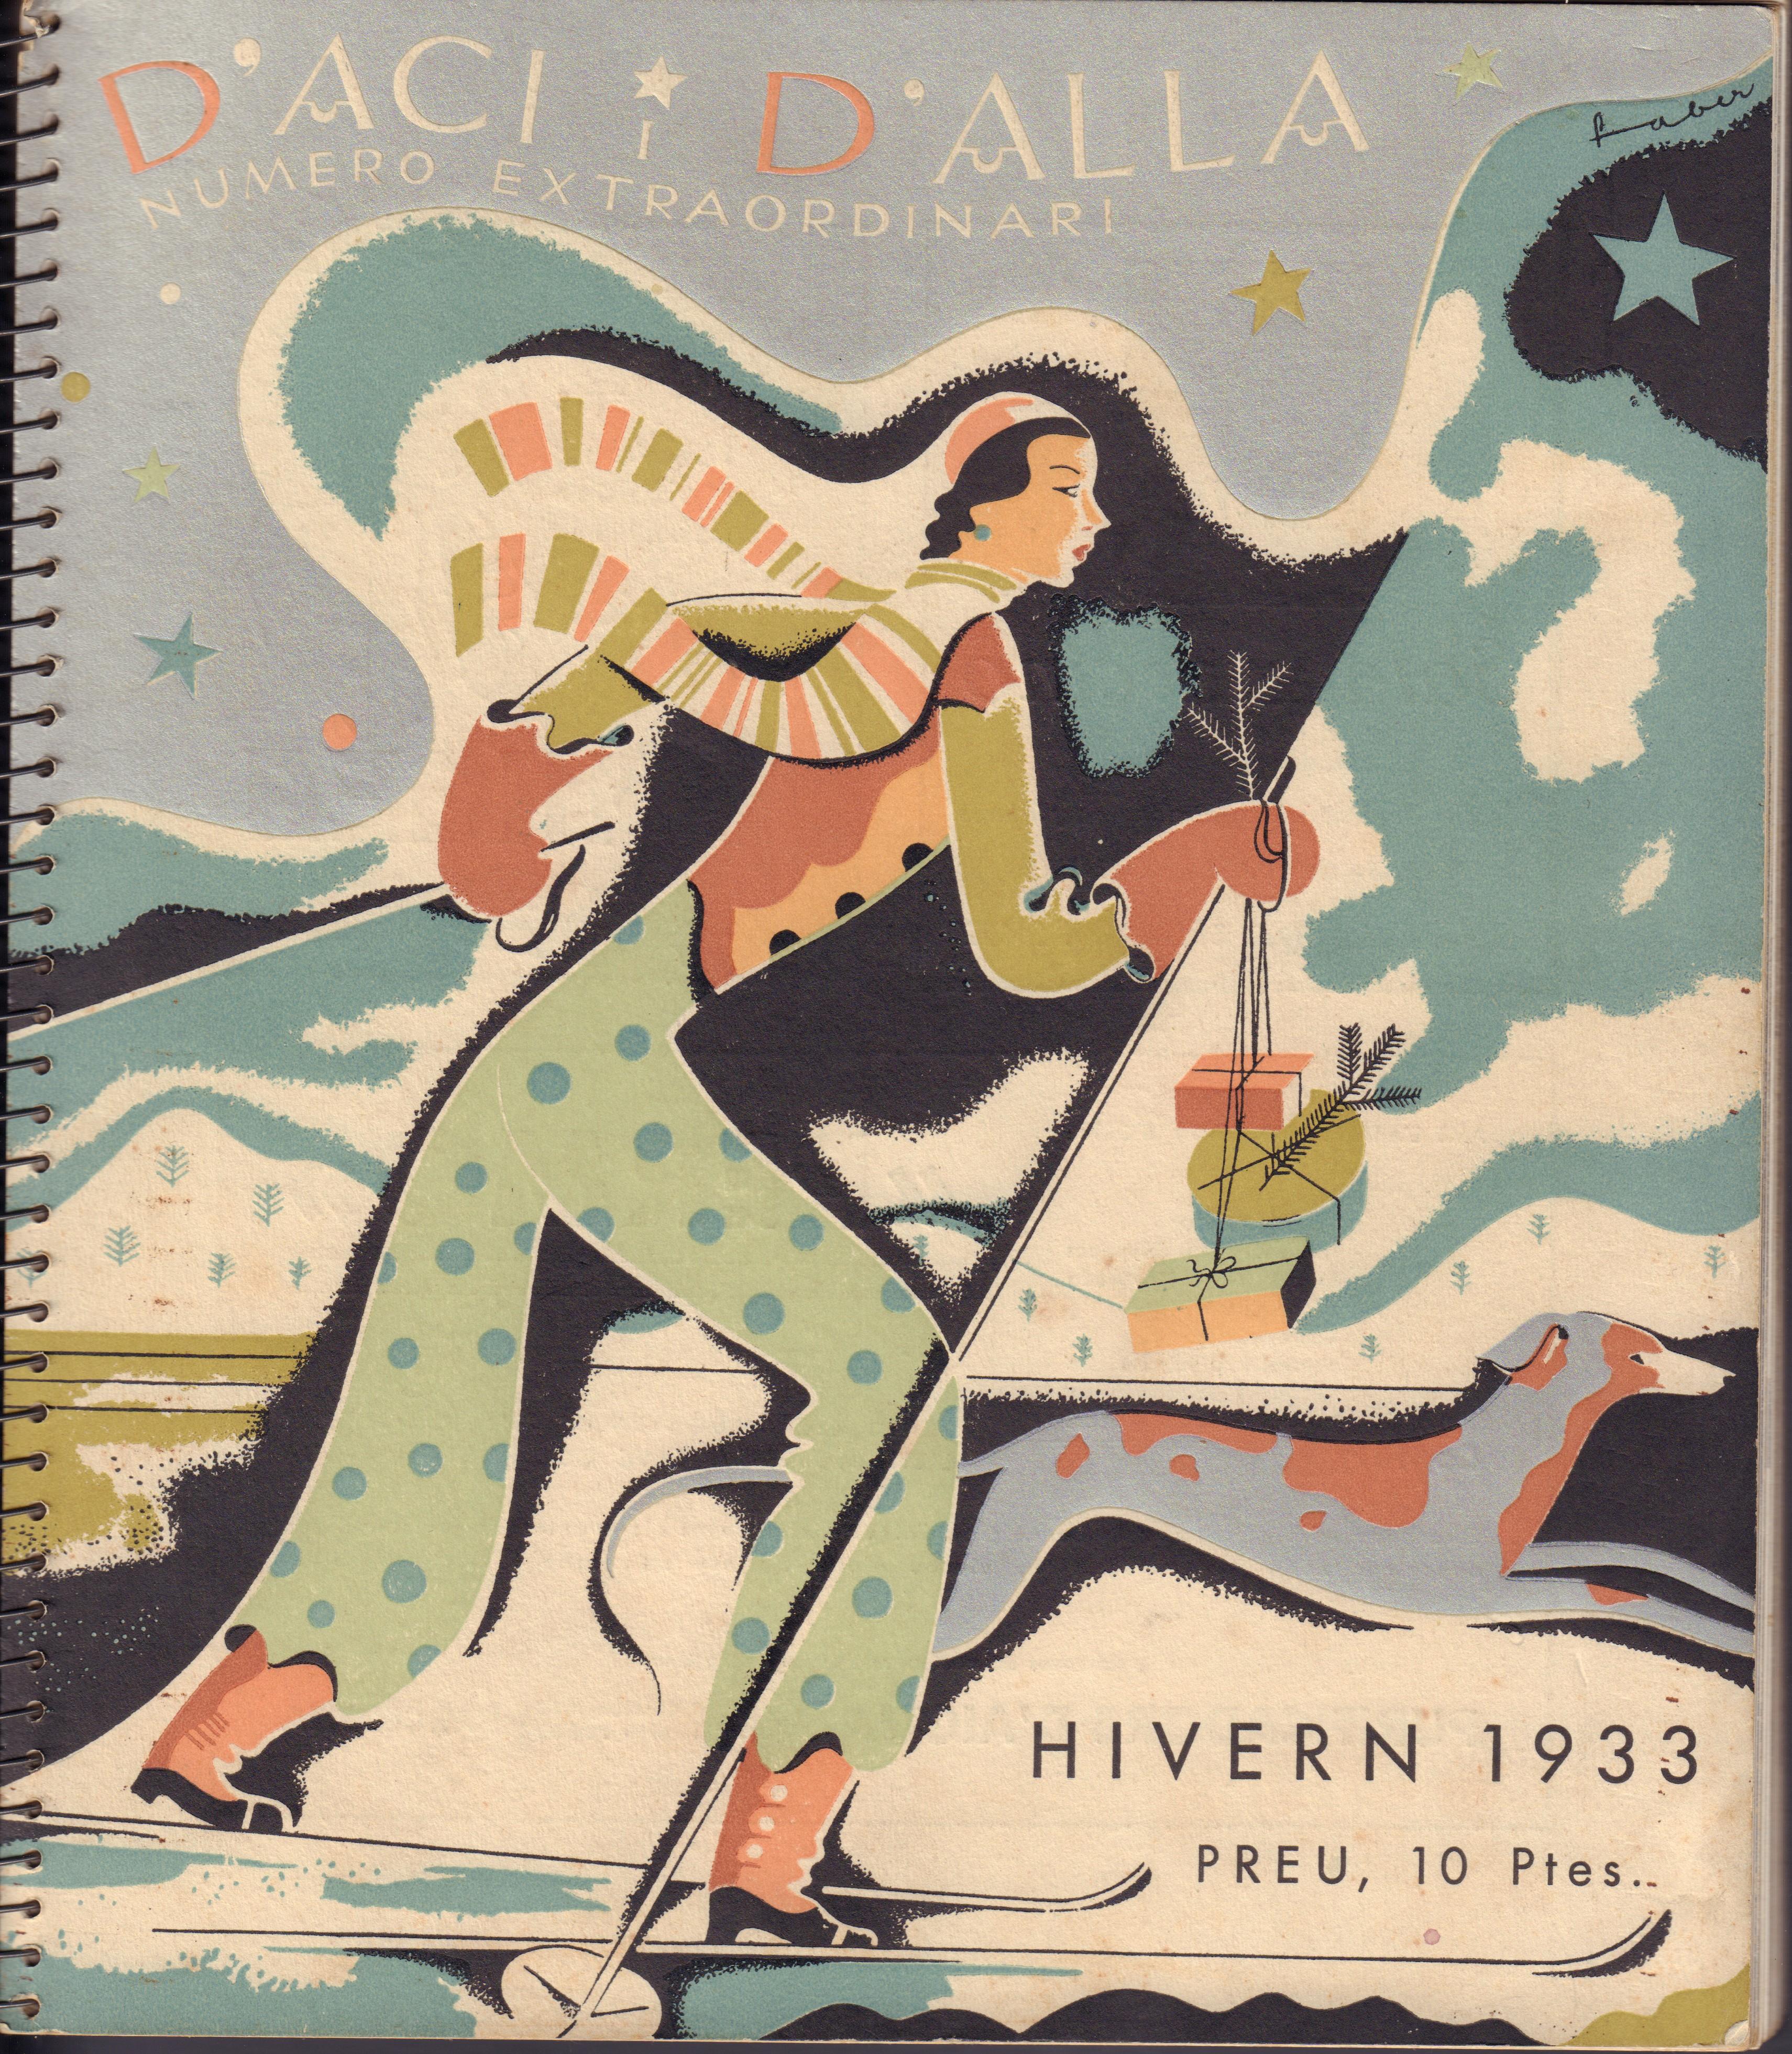 """Image for """"D'aci i D'alla, Numero Extraordinari Hivern 1933"""""""